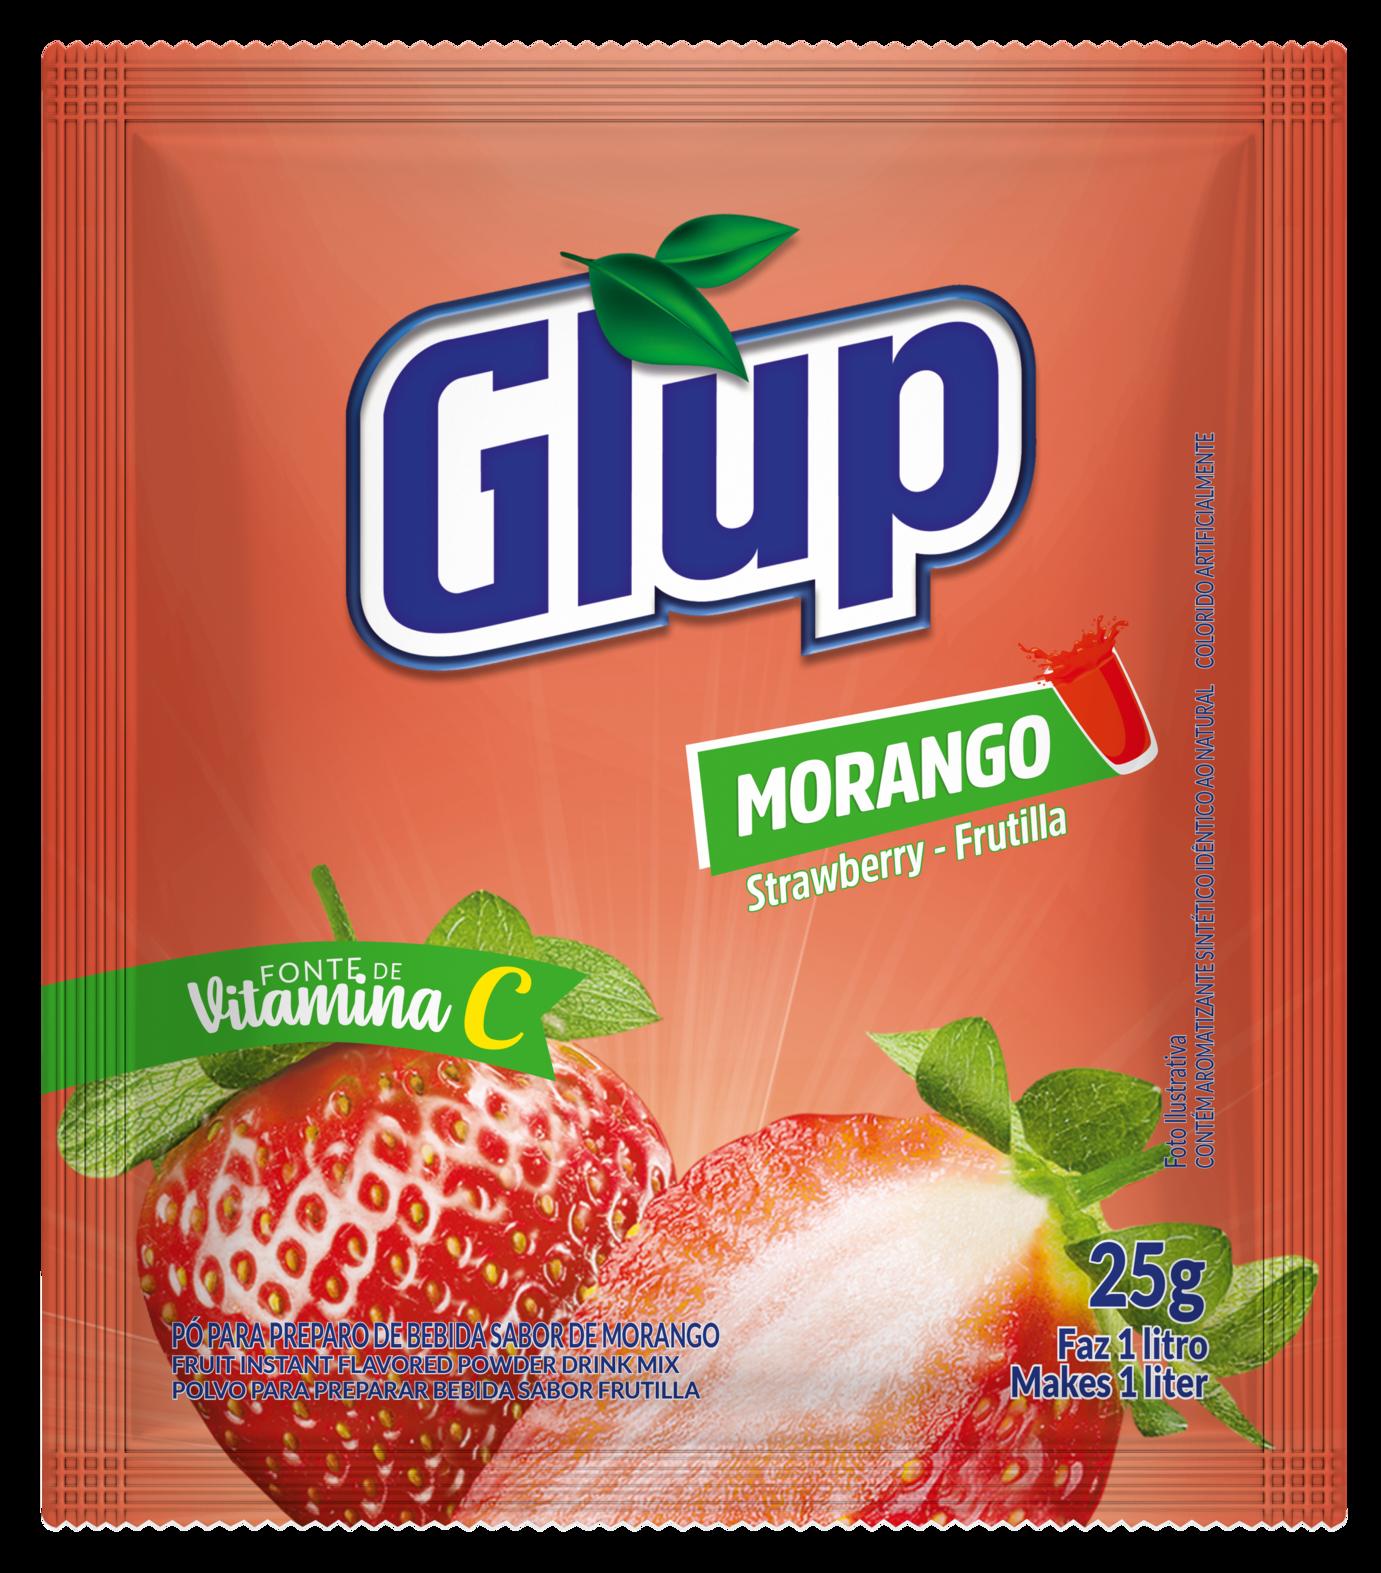 GLUP 25g – Morango